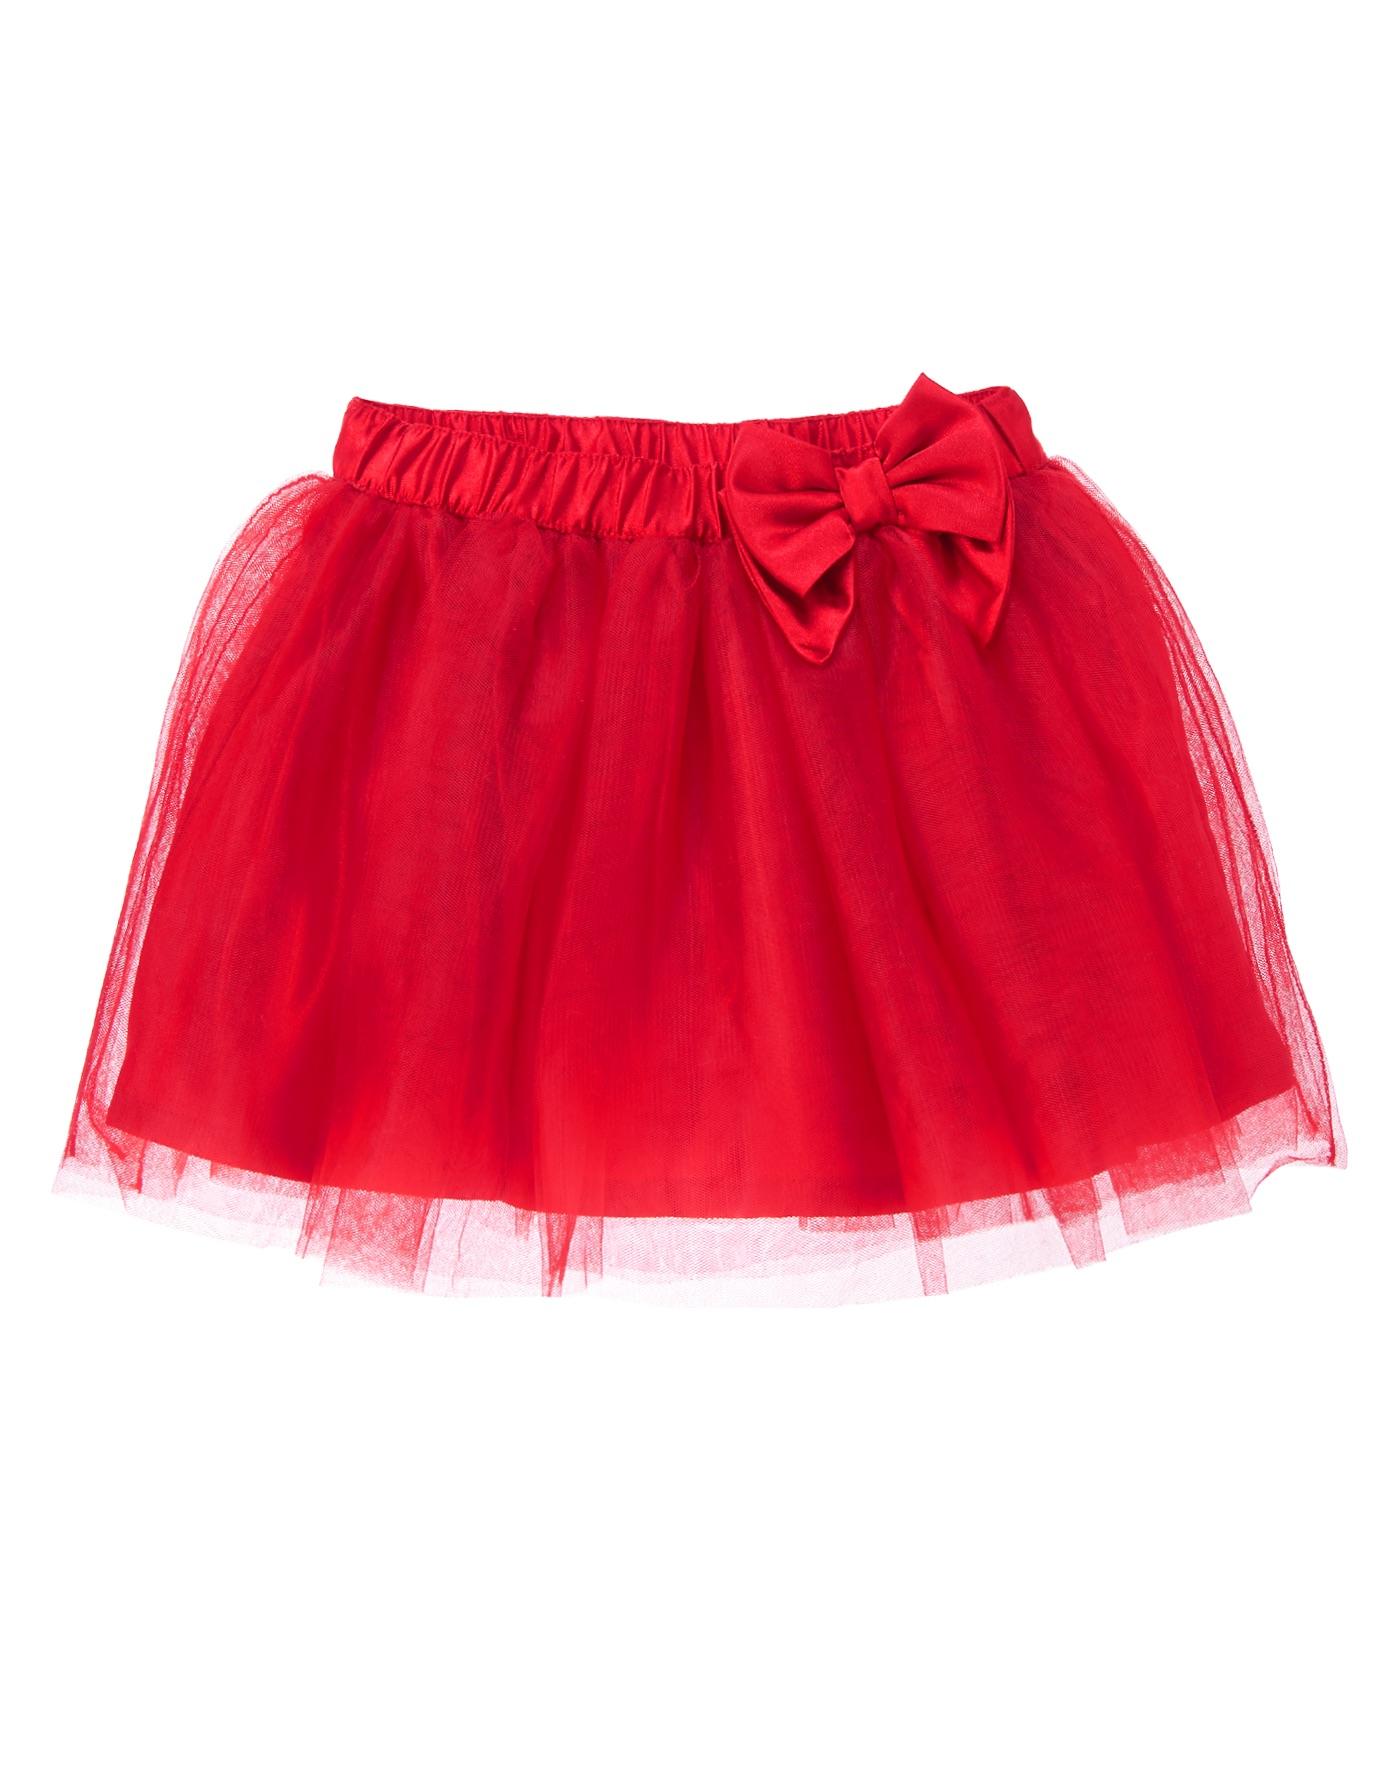 Red Tulle Skirt w_ Bow - $34.95.jpg